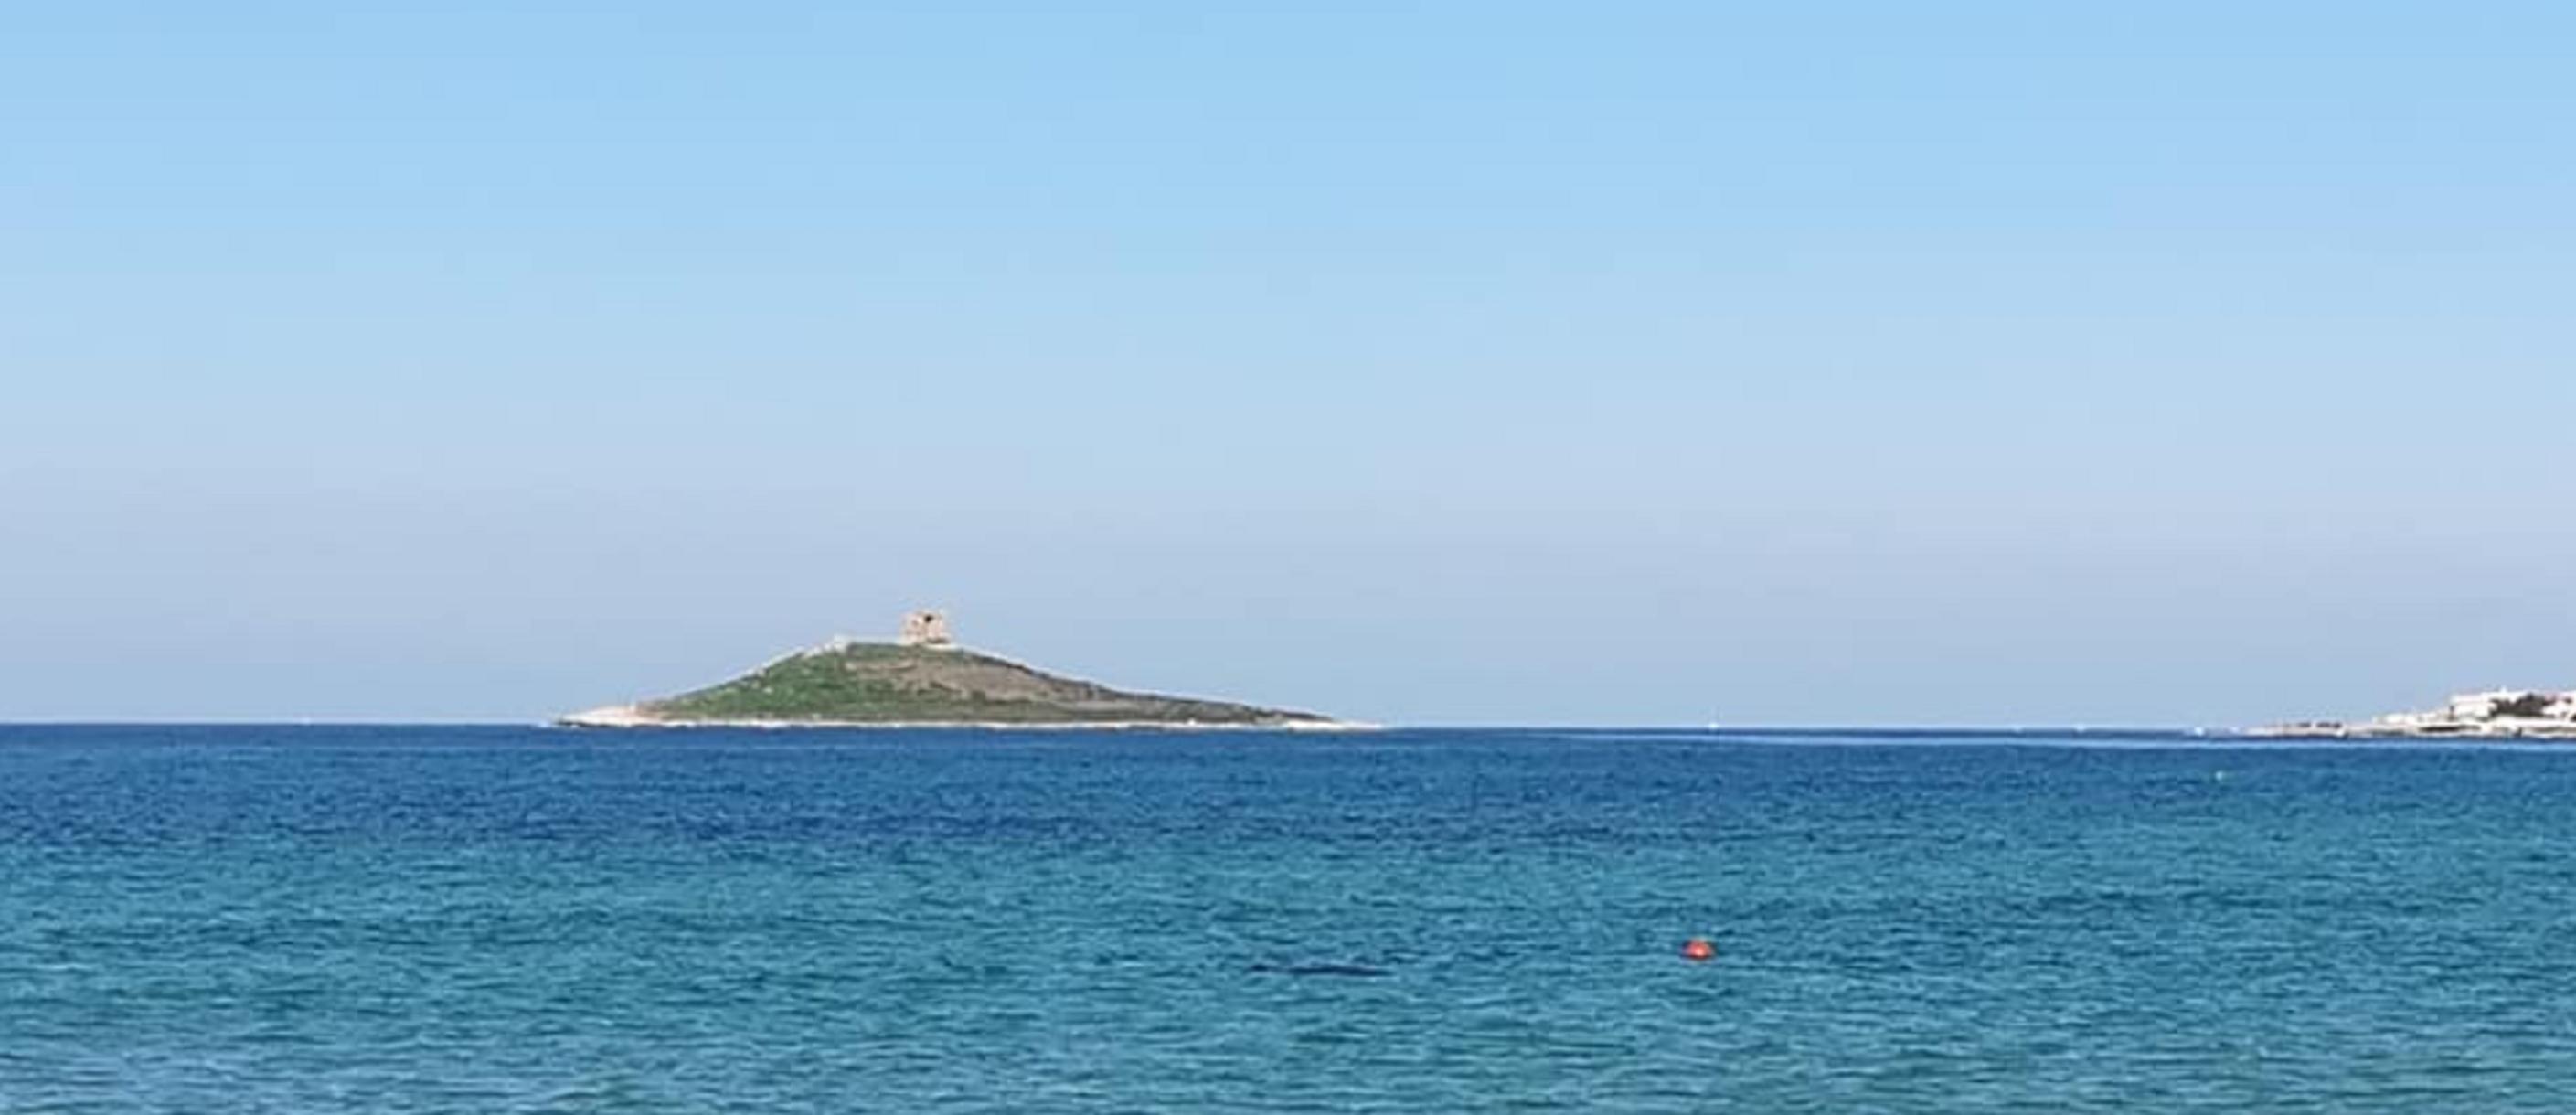 L'isola delle femmine è in vendita: quanto costa?